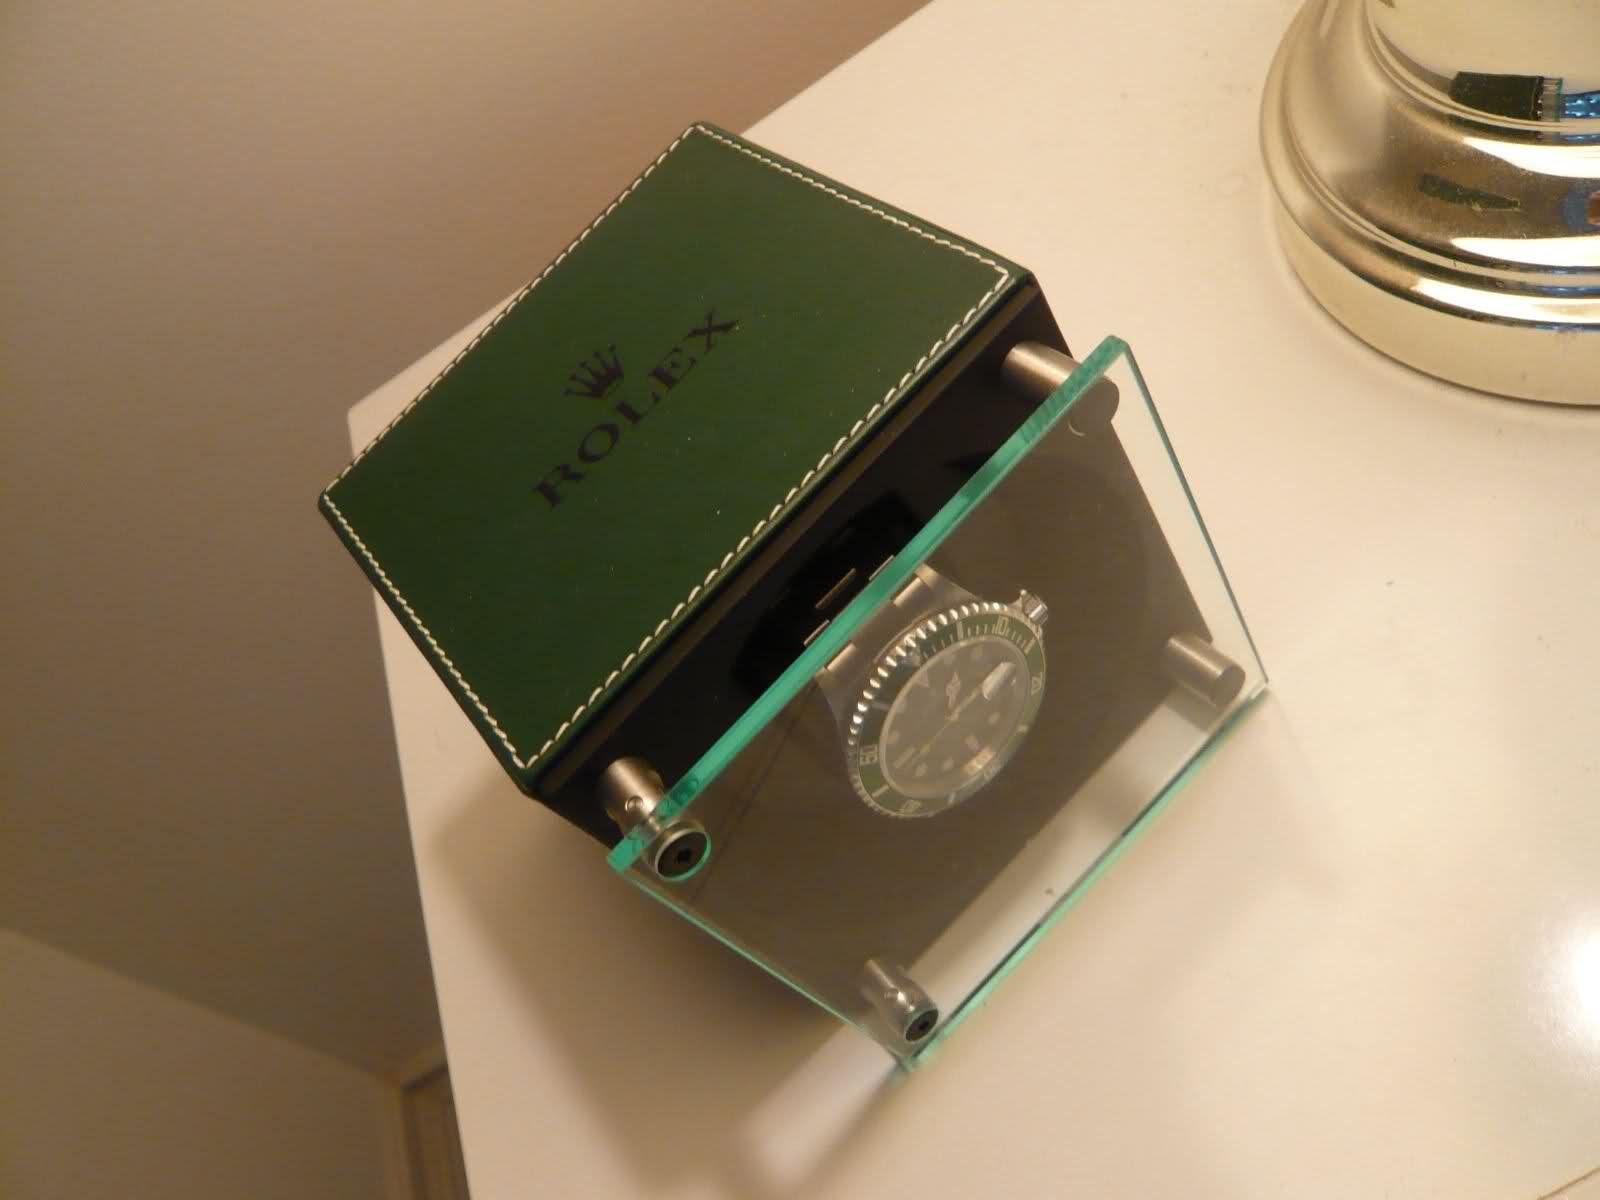 panerai -  [SUJET UNIQUE] écrin, boîte ou coffret pour ranger les montres... - Page 3 21cuoh3